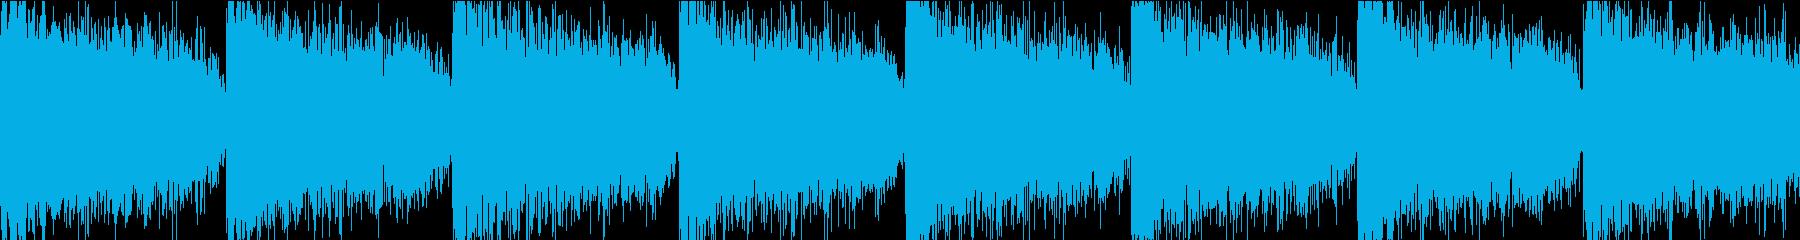 サイレン 緊急 防災 アラーム 警報 5の再生済みの波形